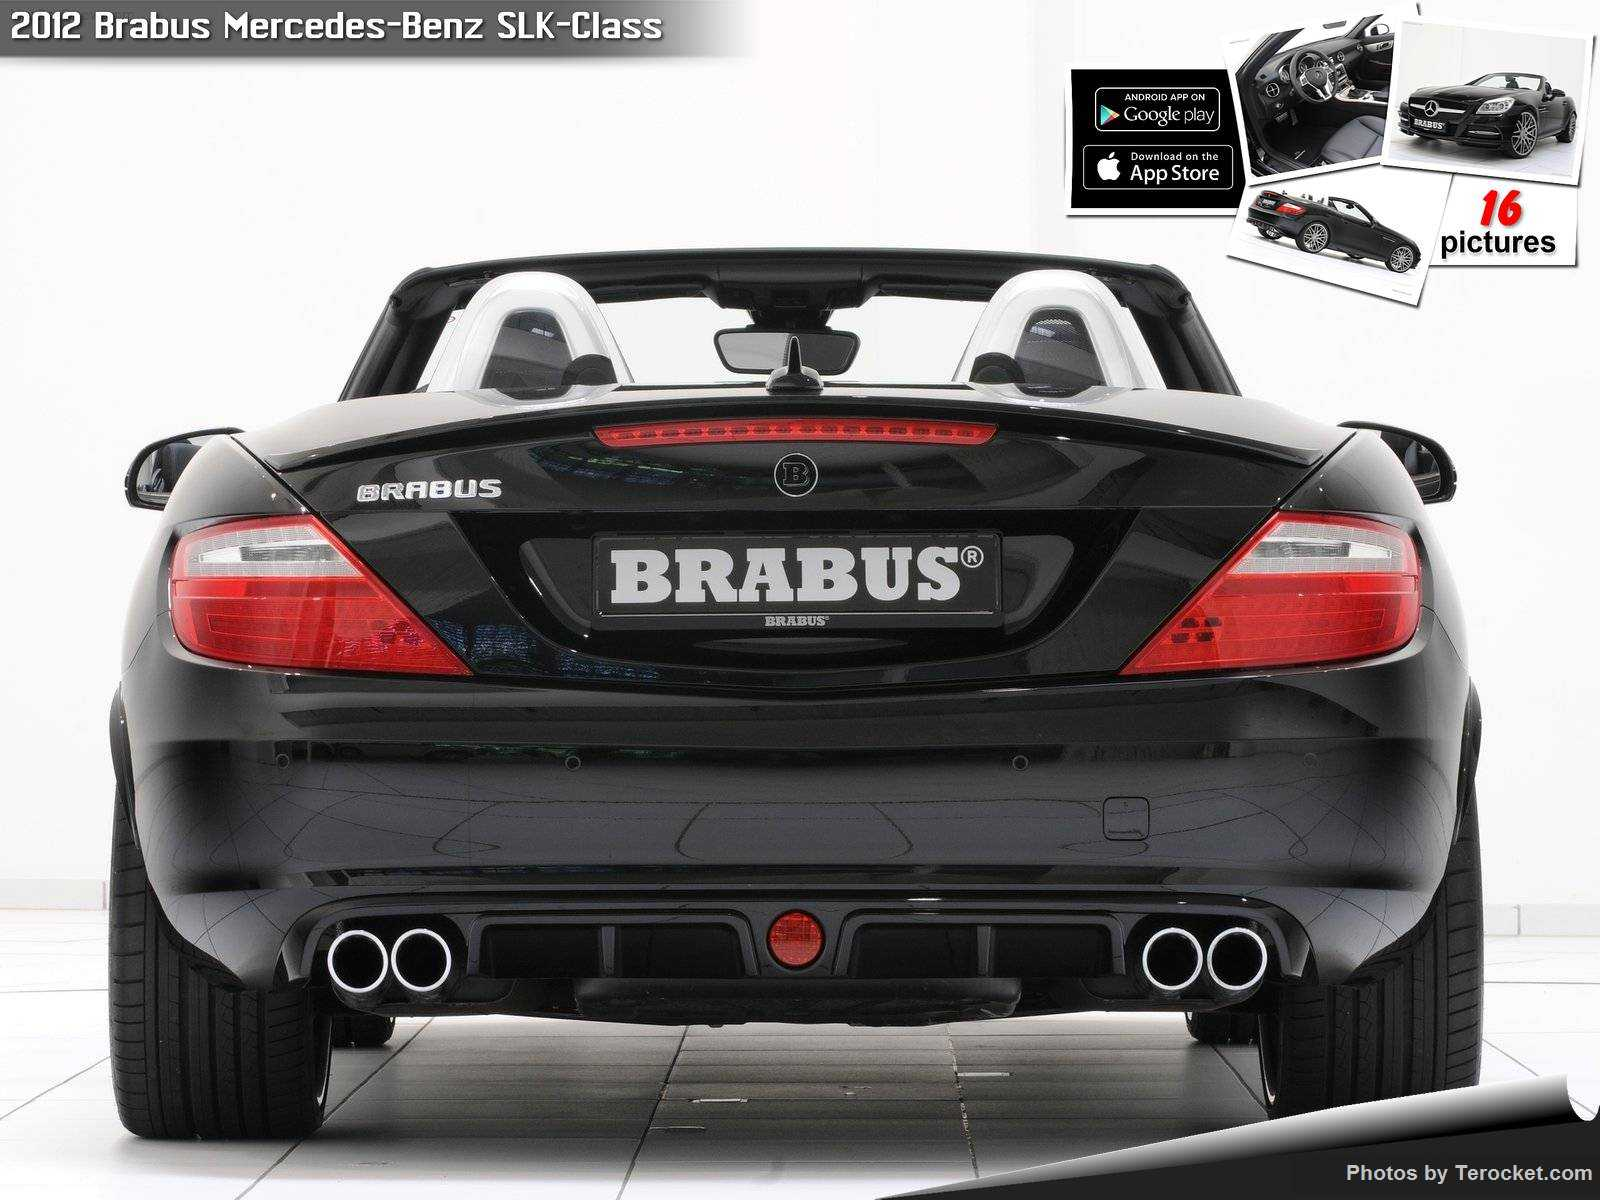 Hình ảnh xe ô tô Brabus Mercedes-Benz SLK-Class 2012 & nội ngoại thất